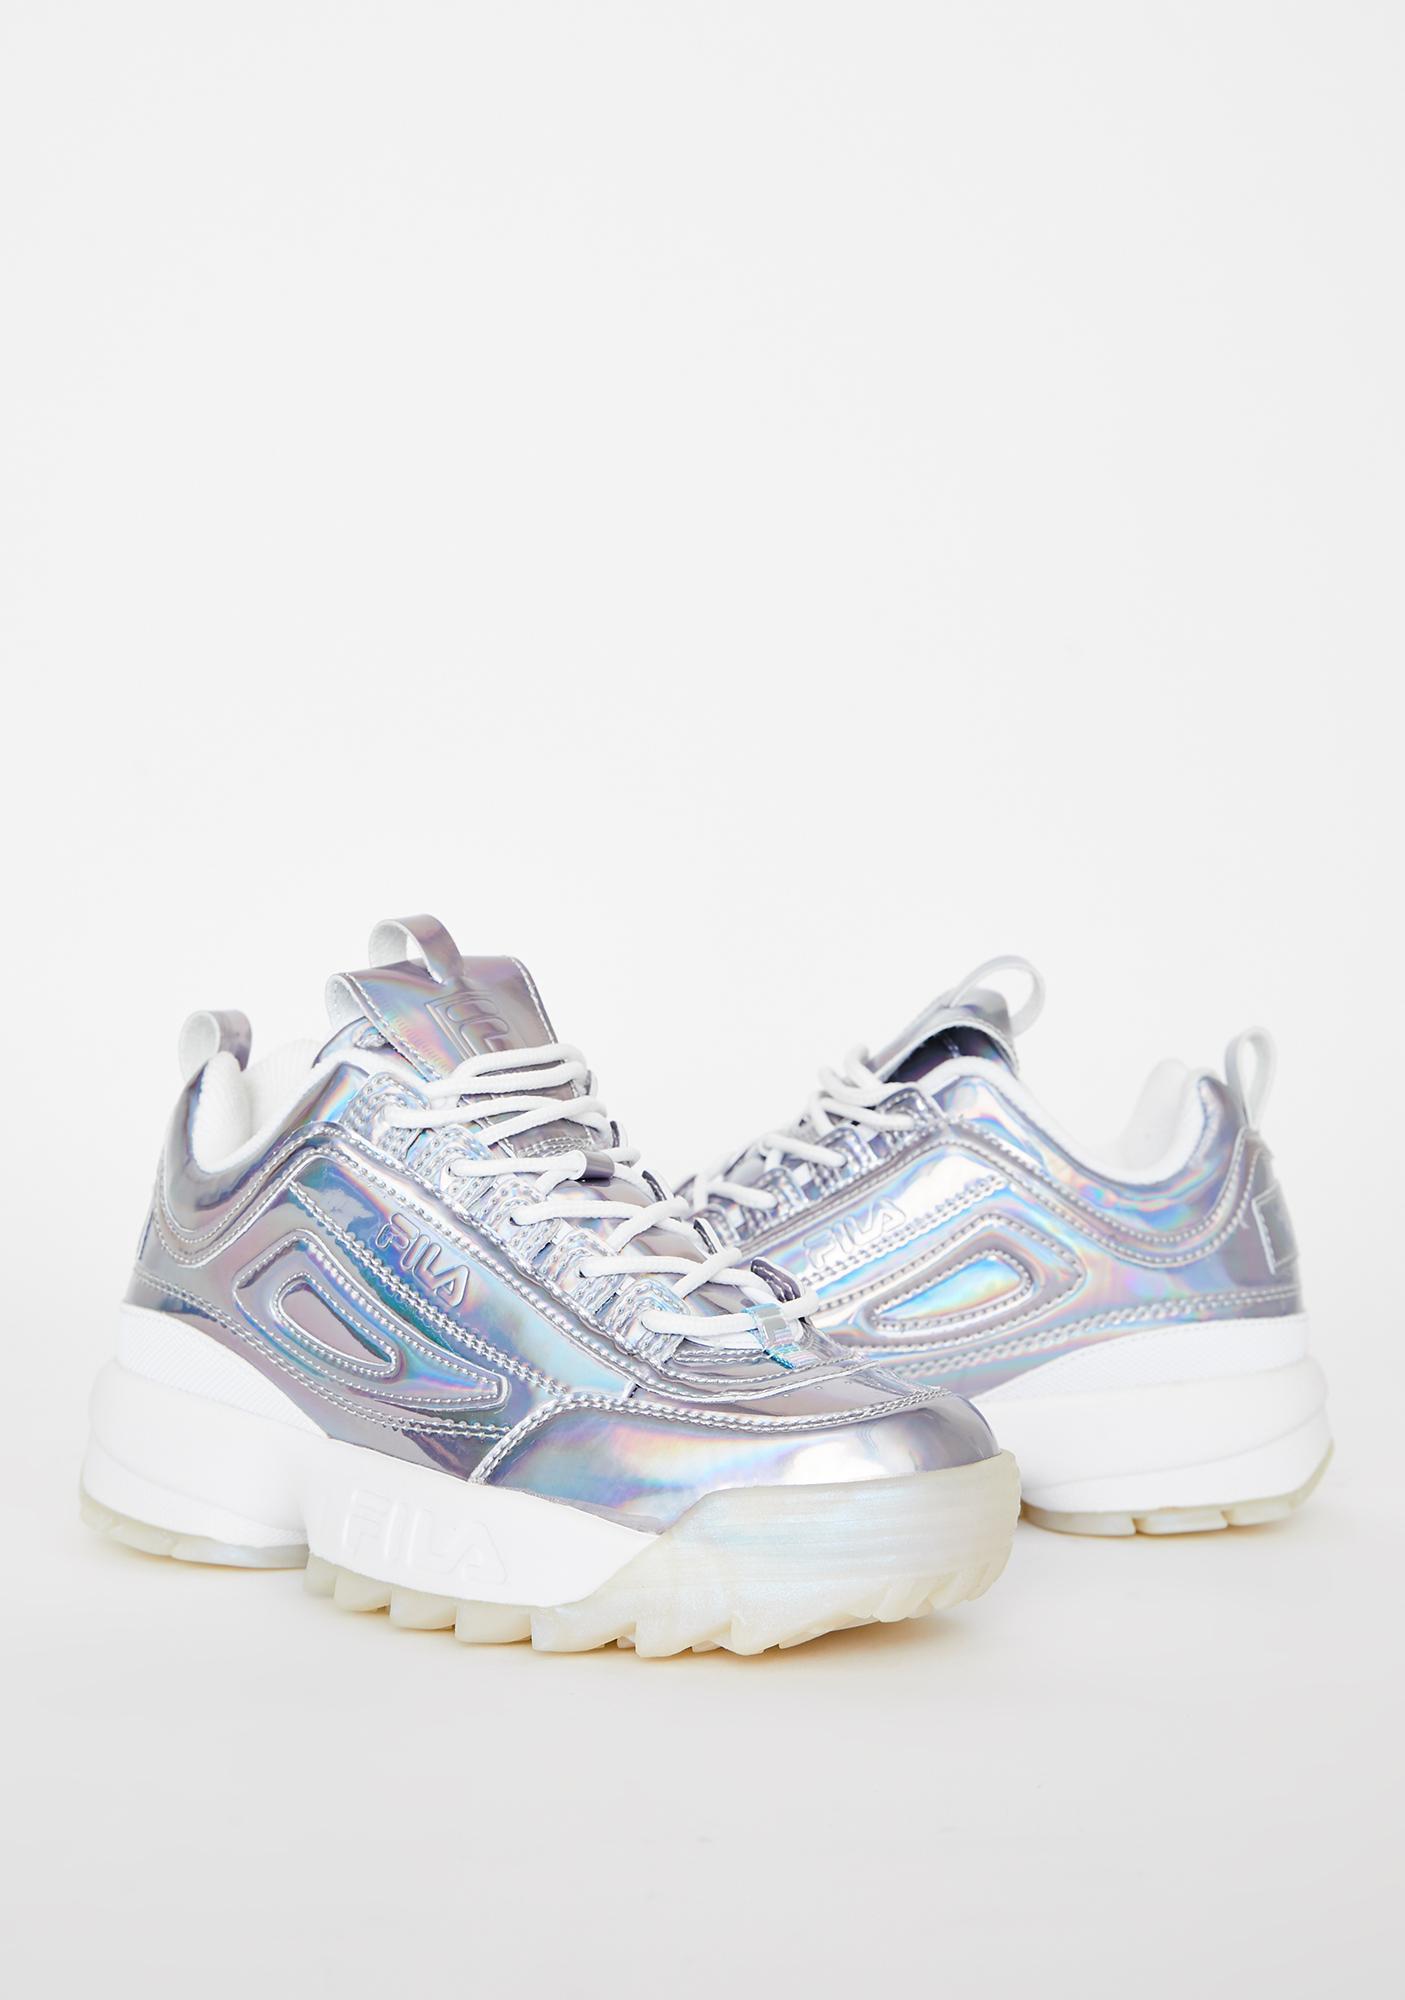 Fila Disruptor 11 IRI Sneakers